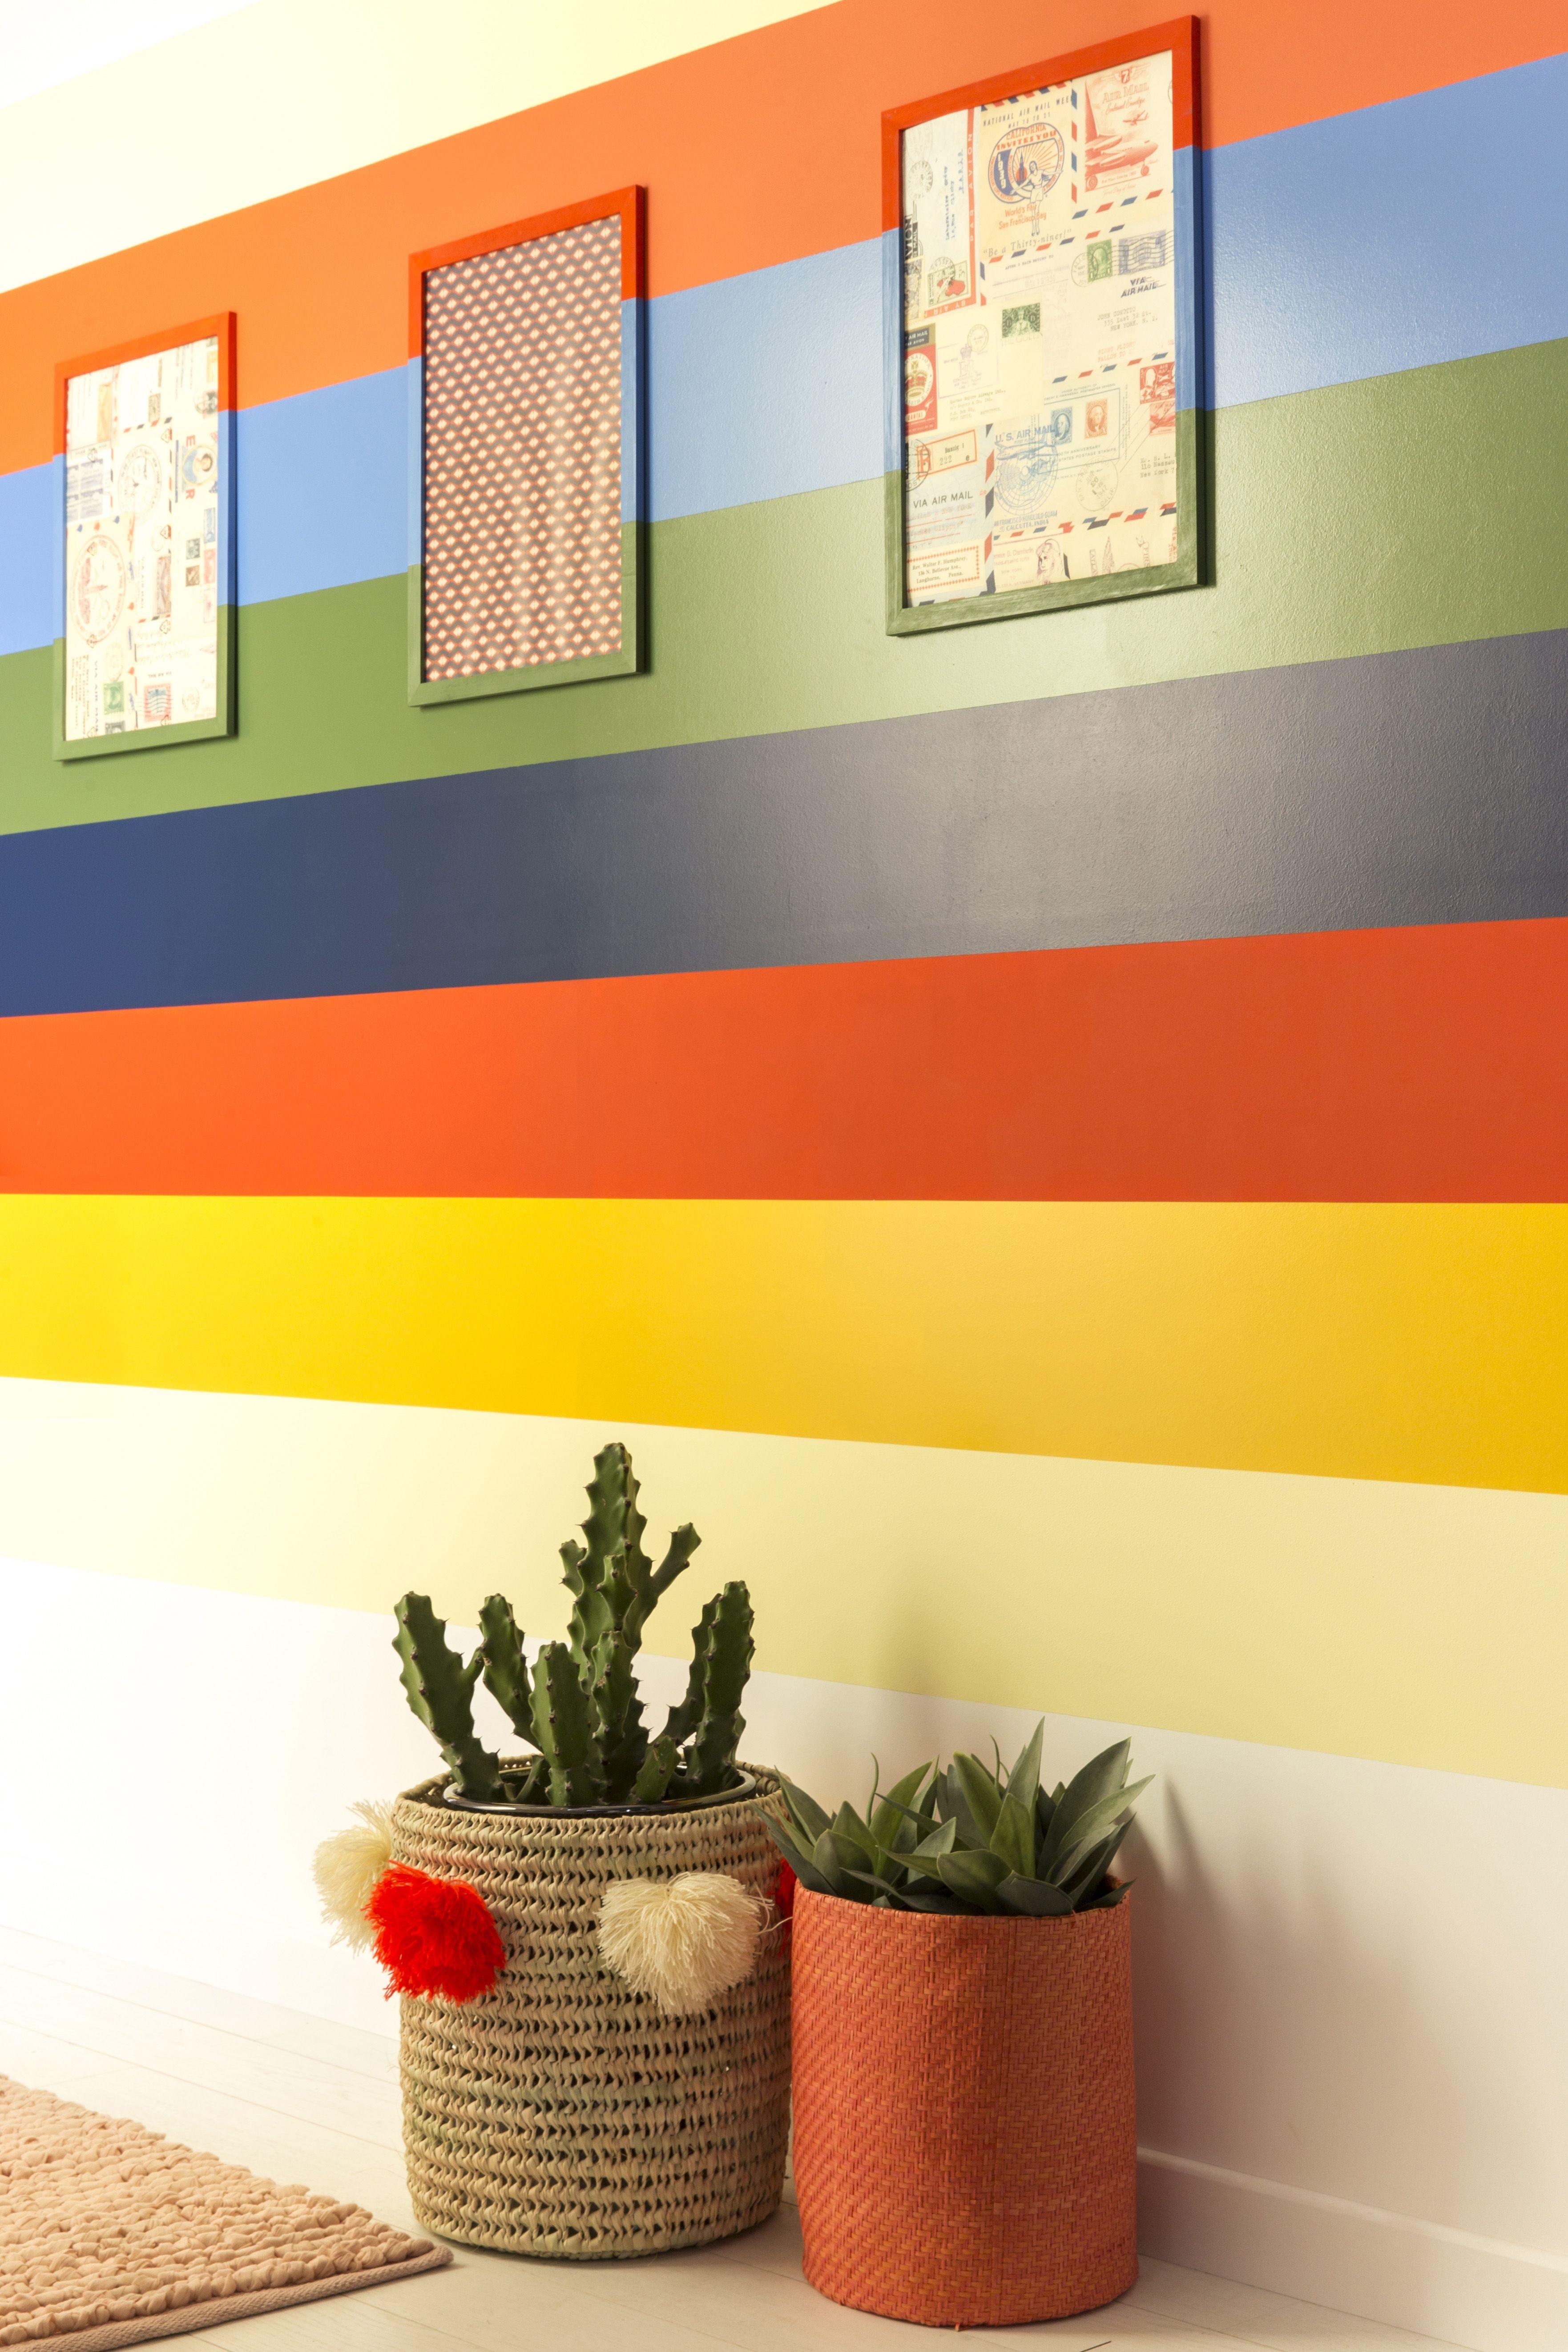 Comment Faire Des Rayures En Peinture Sur Un Mur votre couloir est long et étroit ? profitez-en ! les rayures